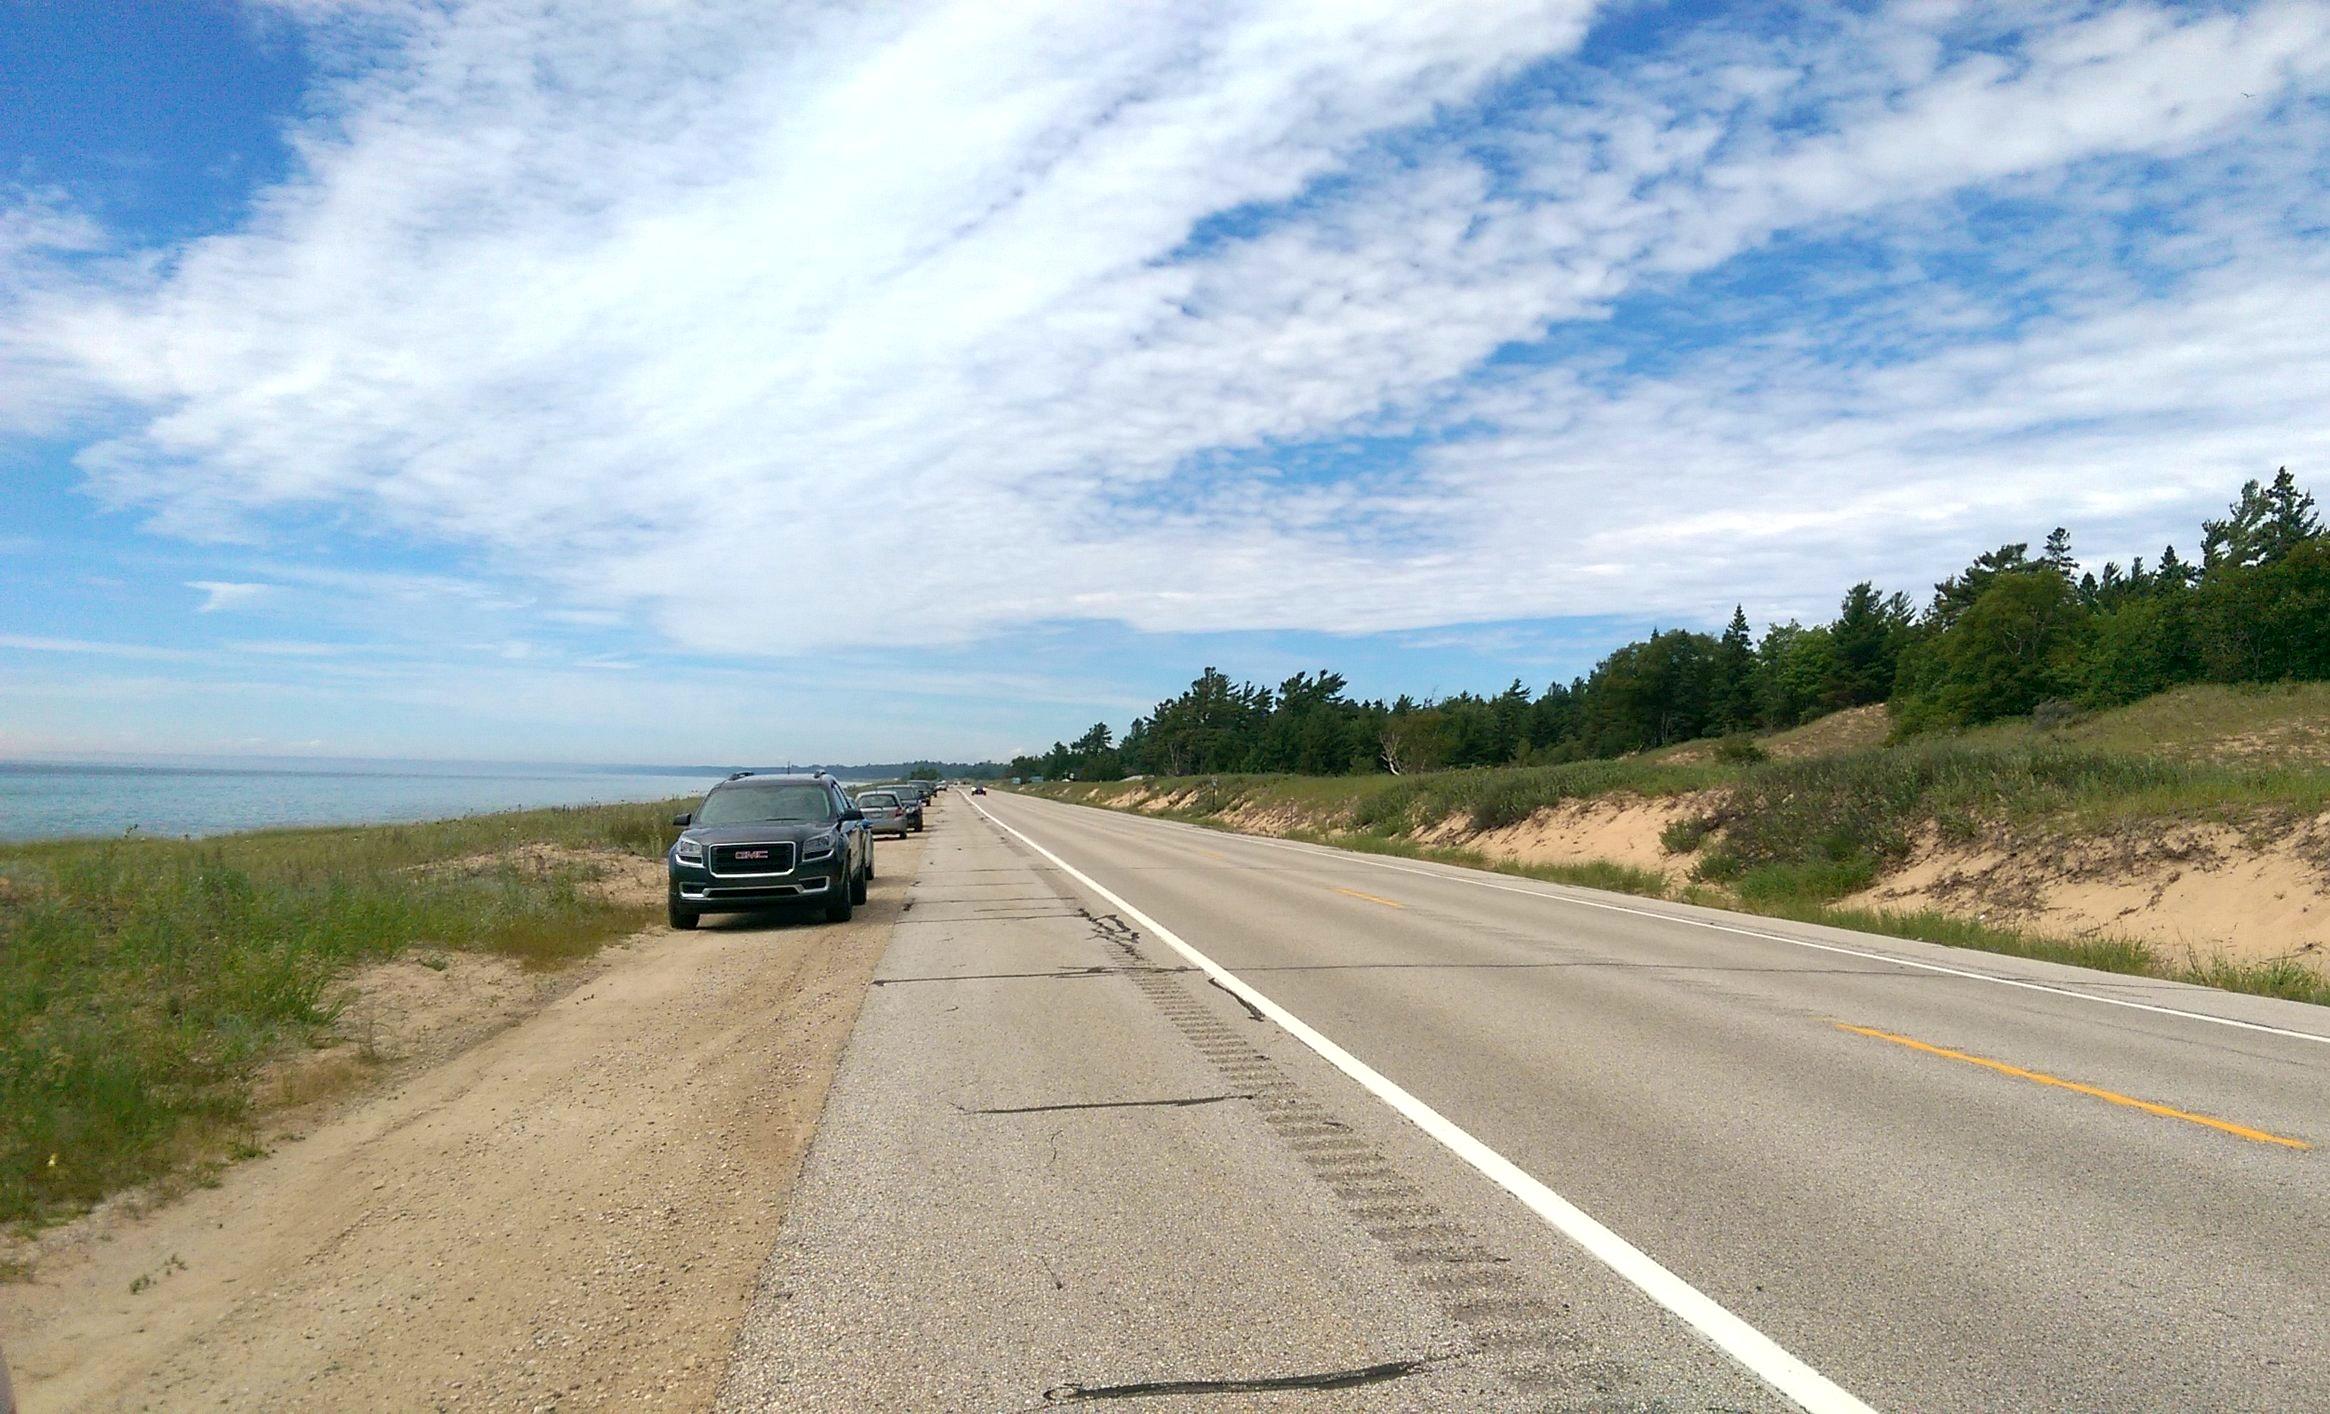 U.S. Route 2 in Michigan's Upper Peninsula, circa summer 2015